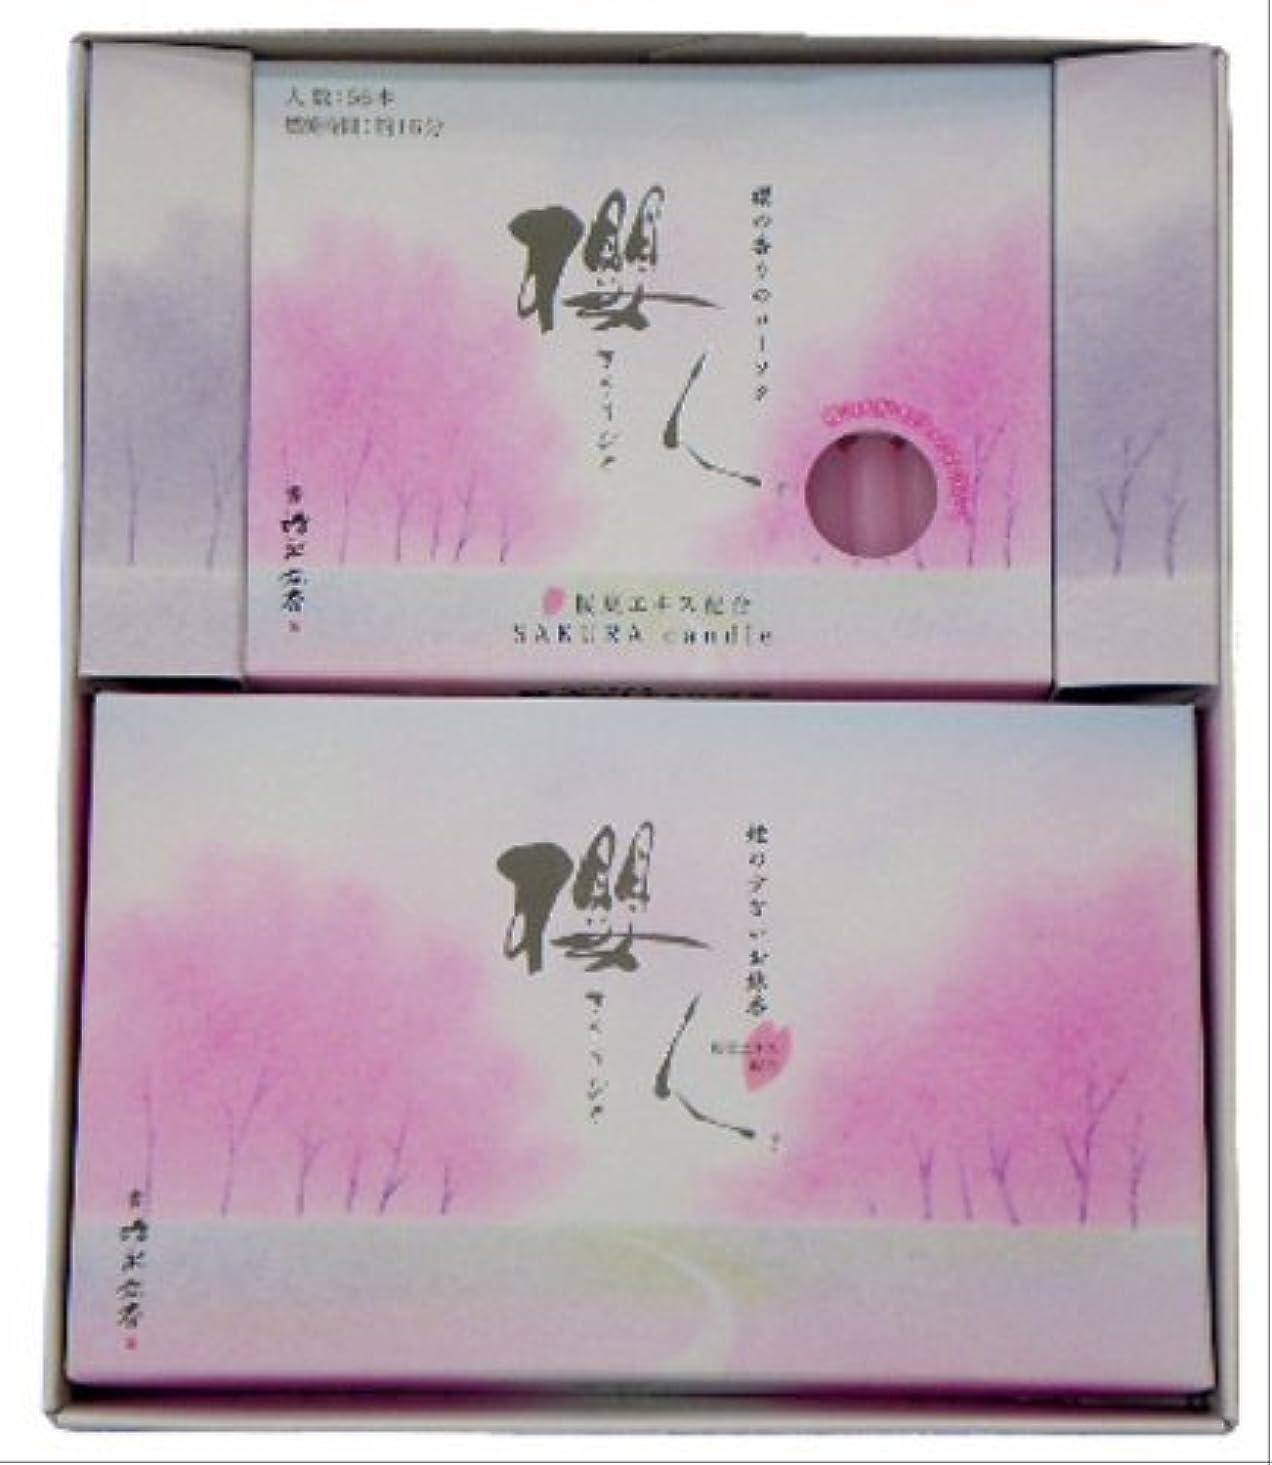 マインドフルただ面キャンドル&お線香 櫻人 詰合 (大)